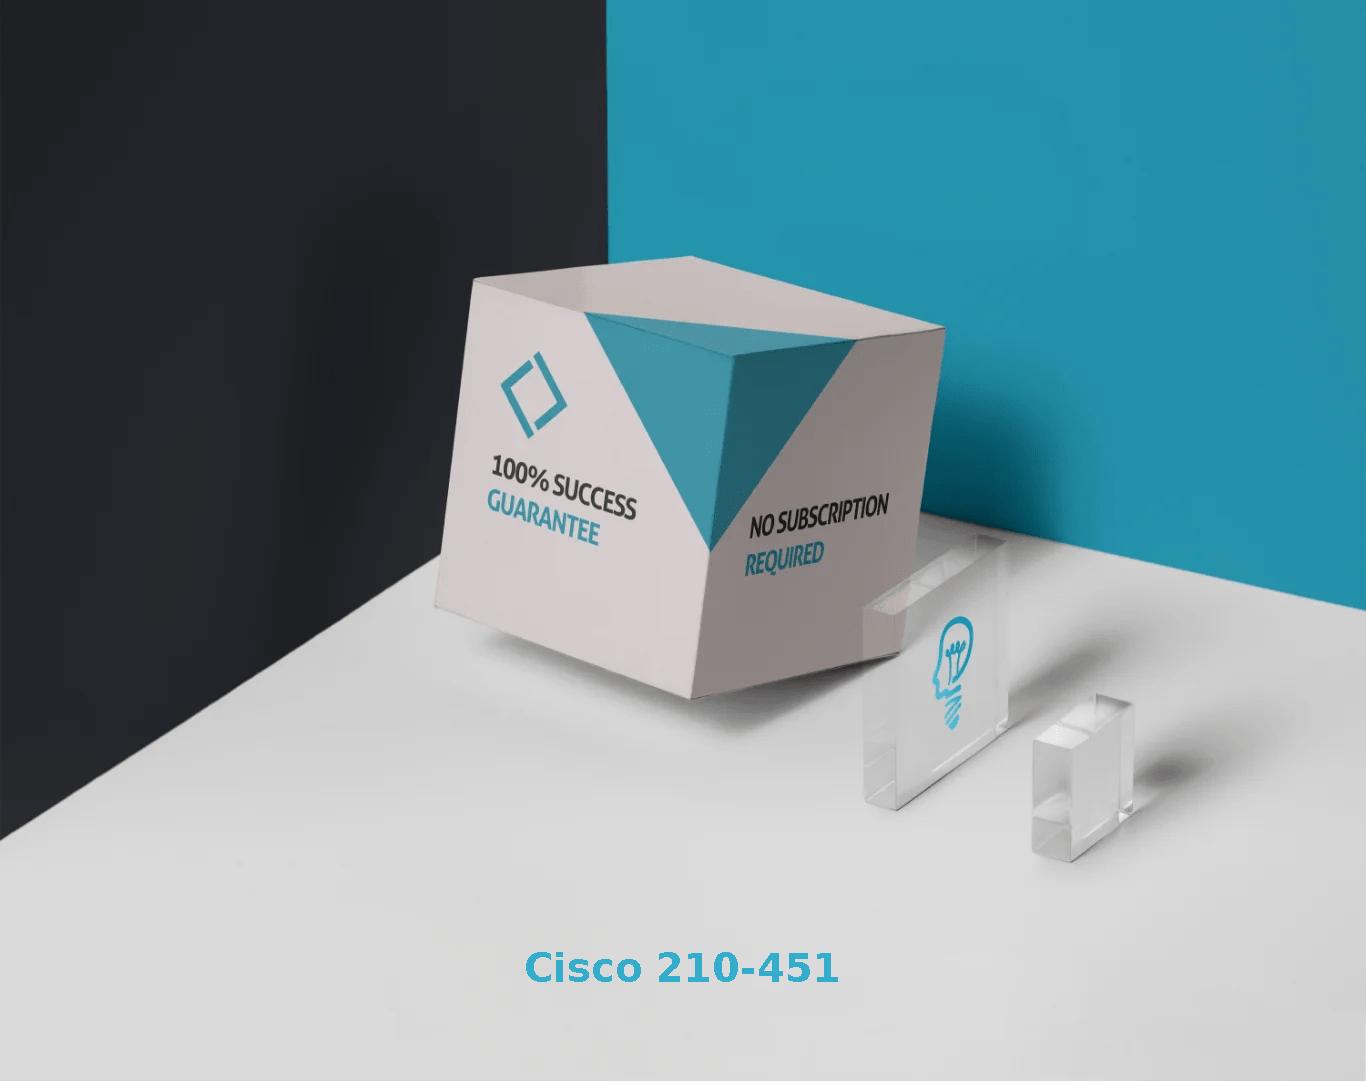 Cisco 210-451 Exams